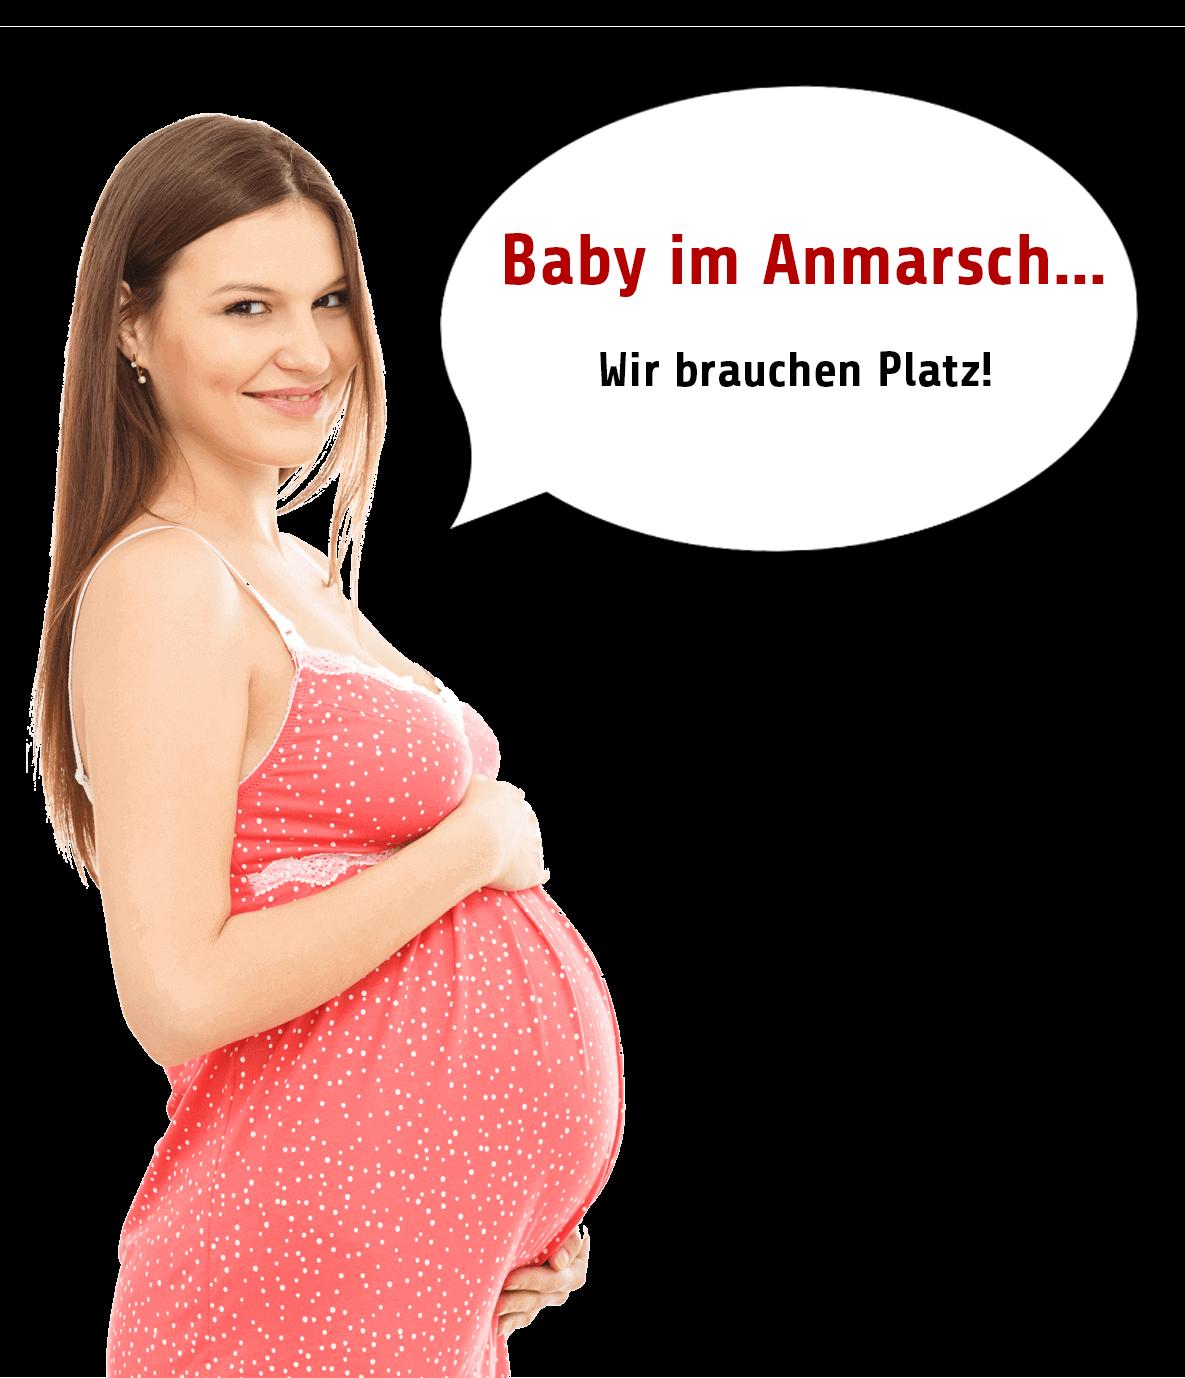 PRIME Selfstorage Baby im Anmarsch